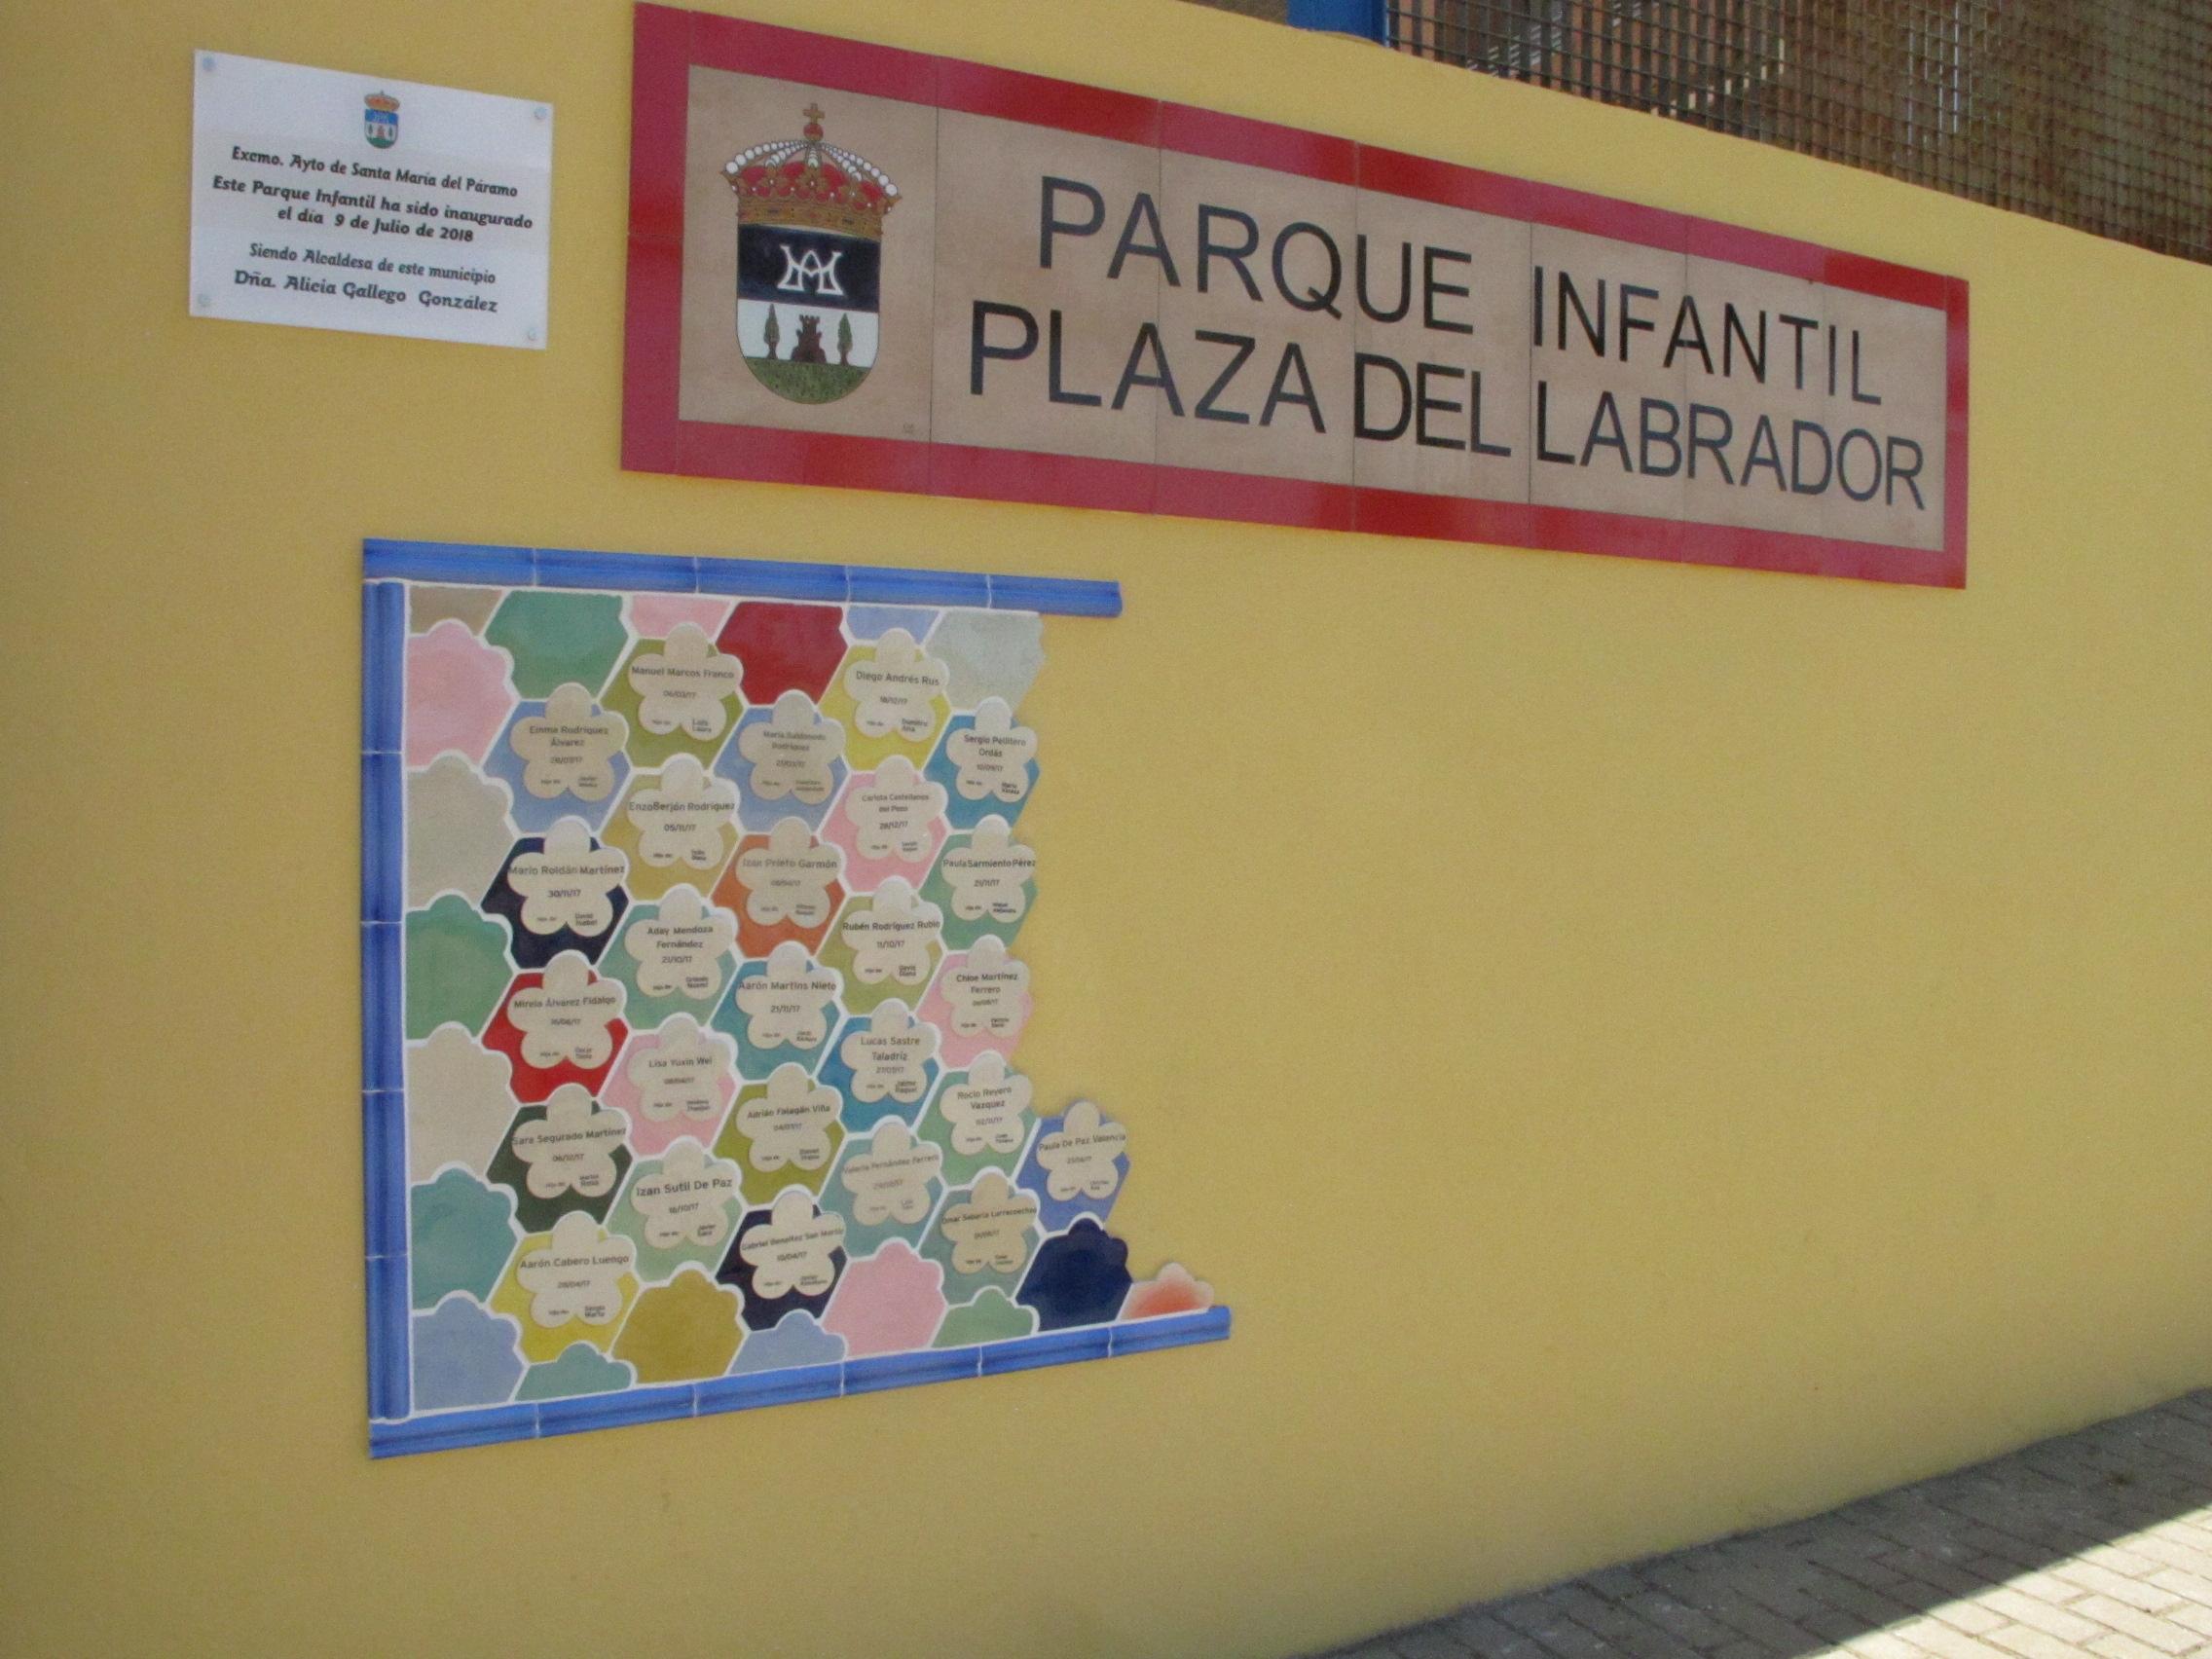 Plaza Infantil del Labrador